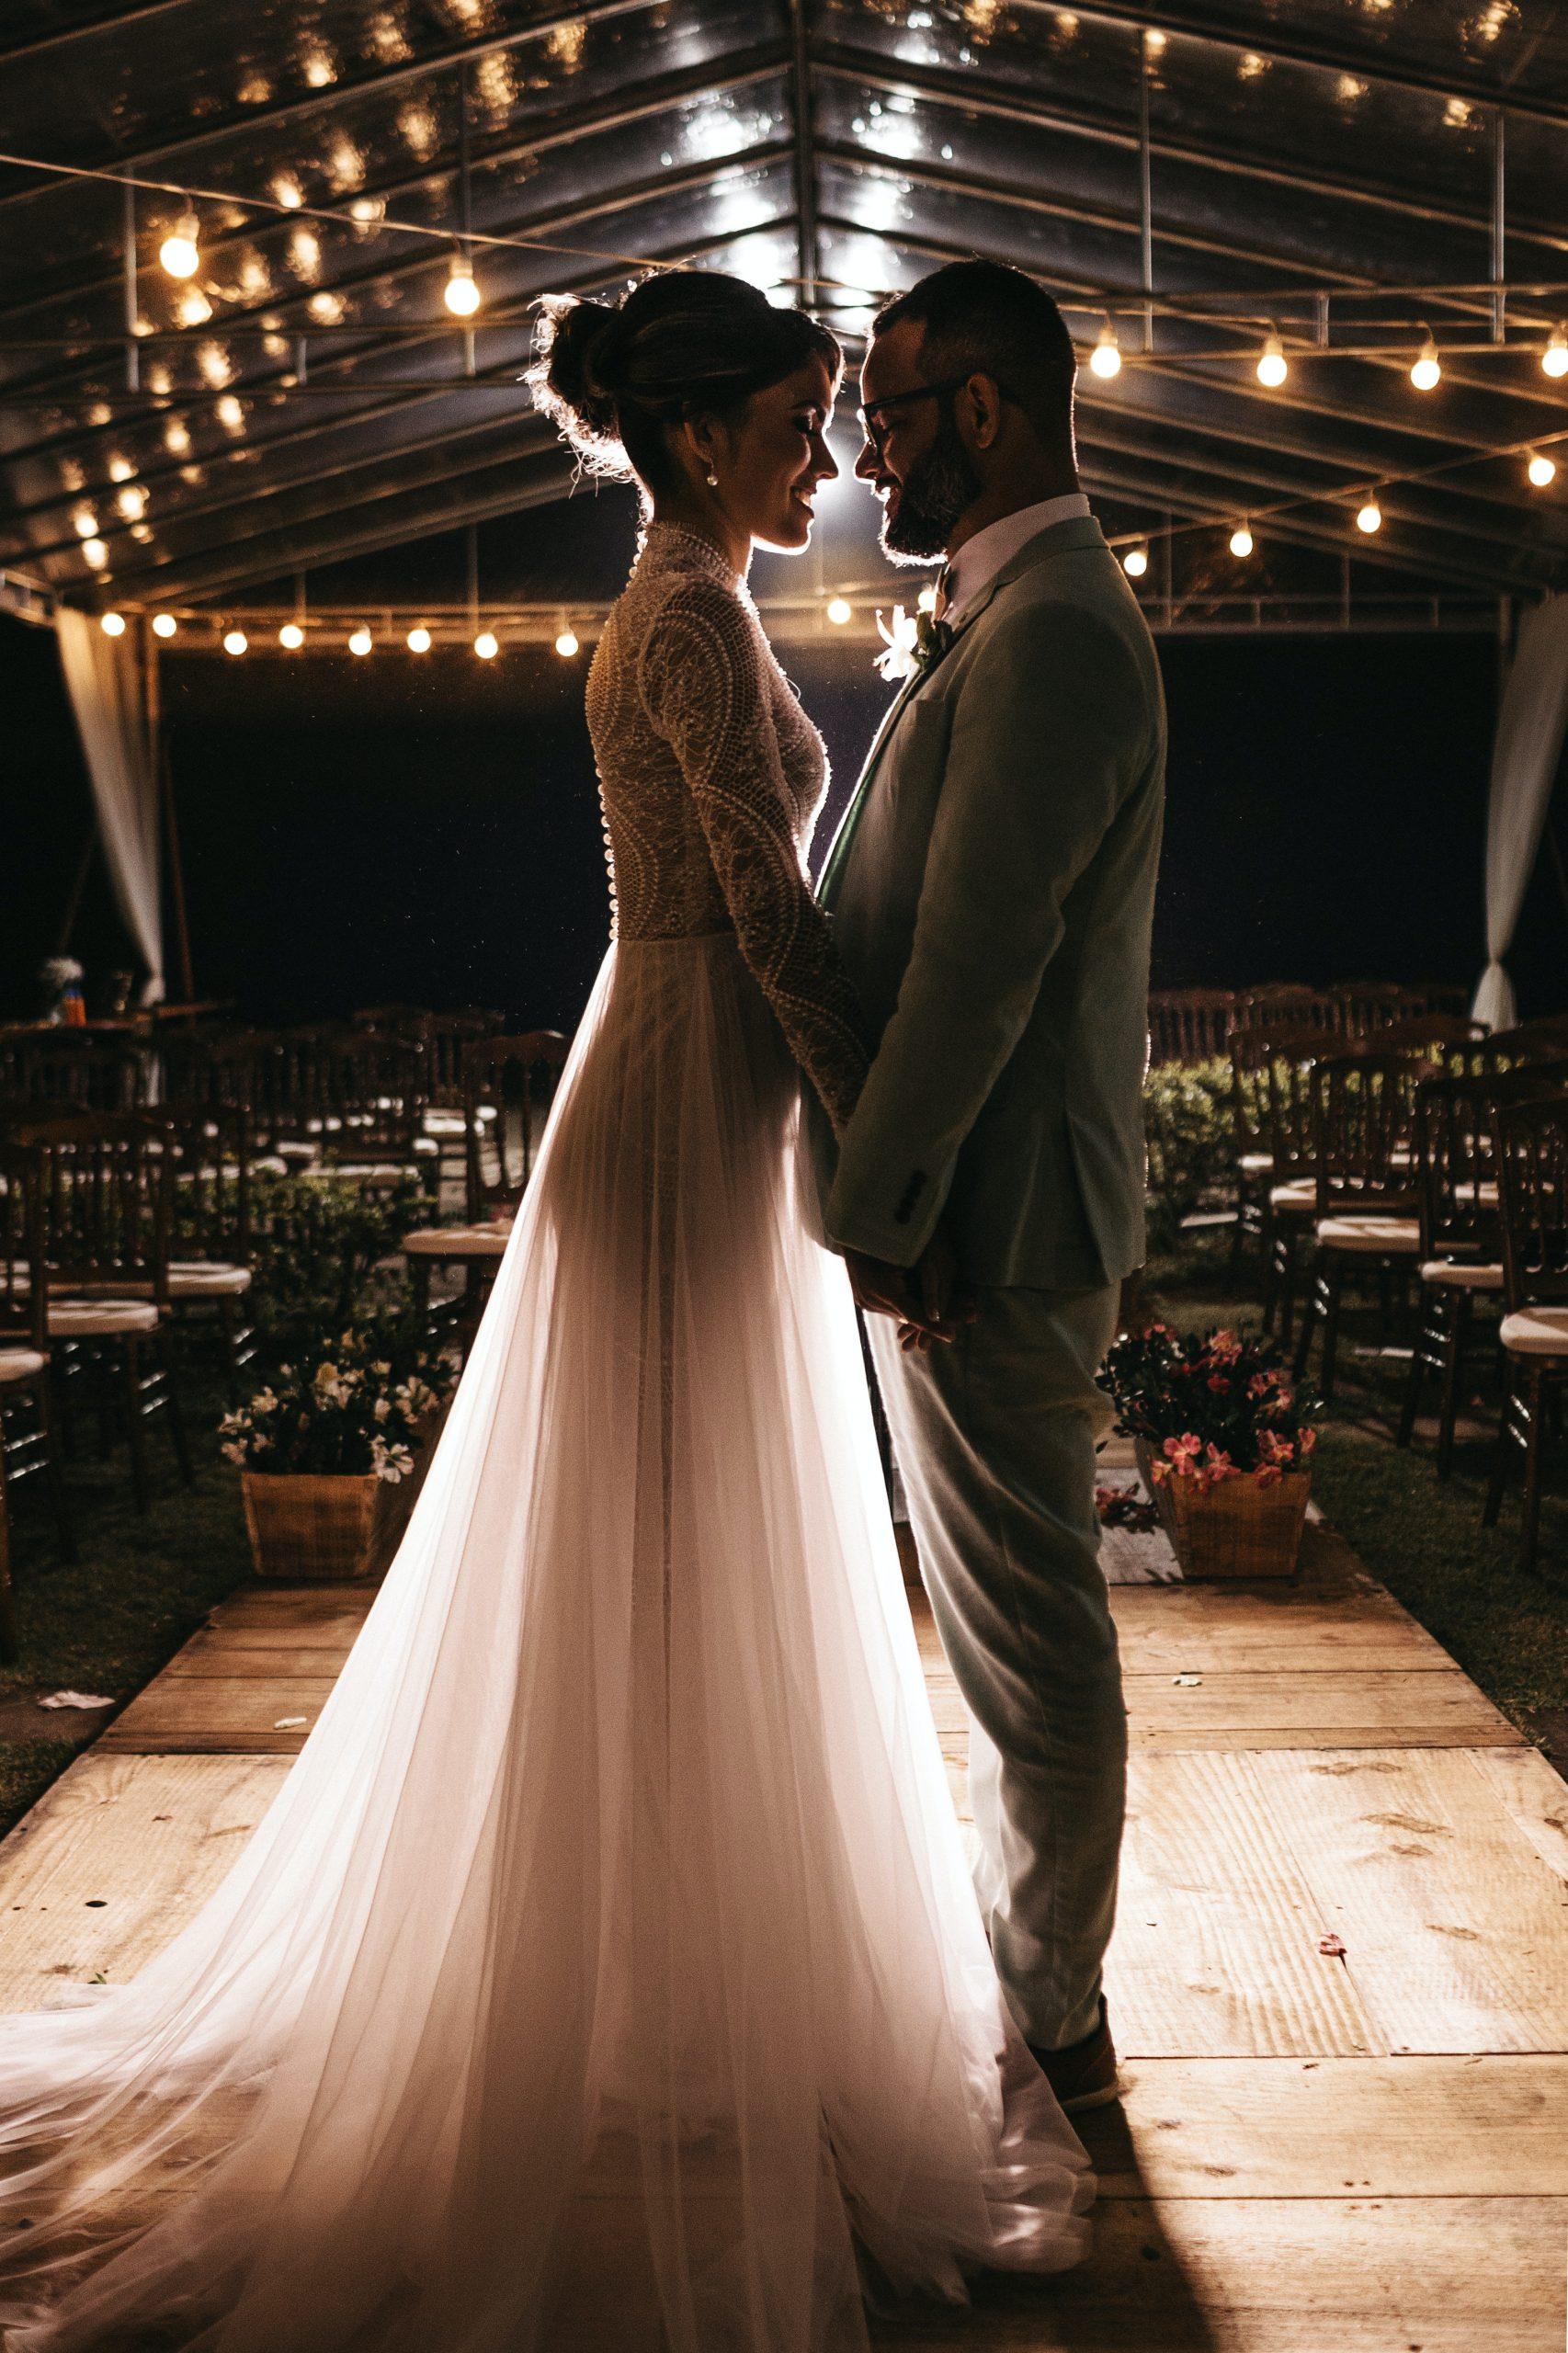 Ślub w stylu boho – wskazówki dla przyszłej panny młodej